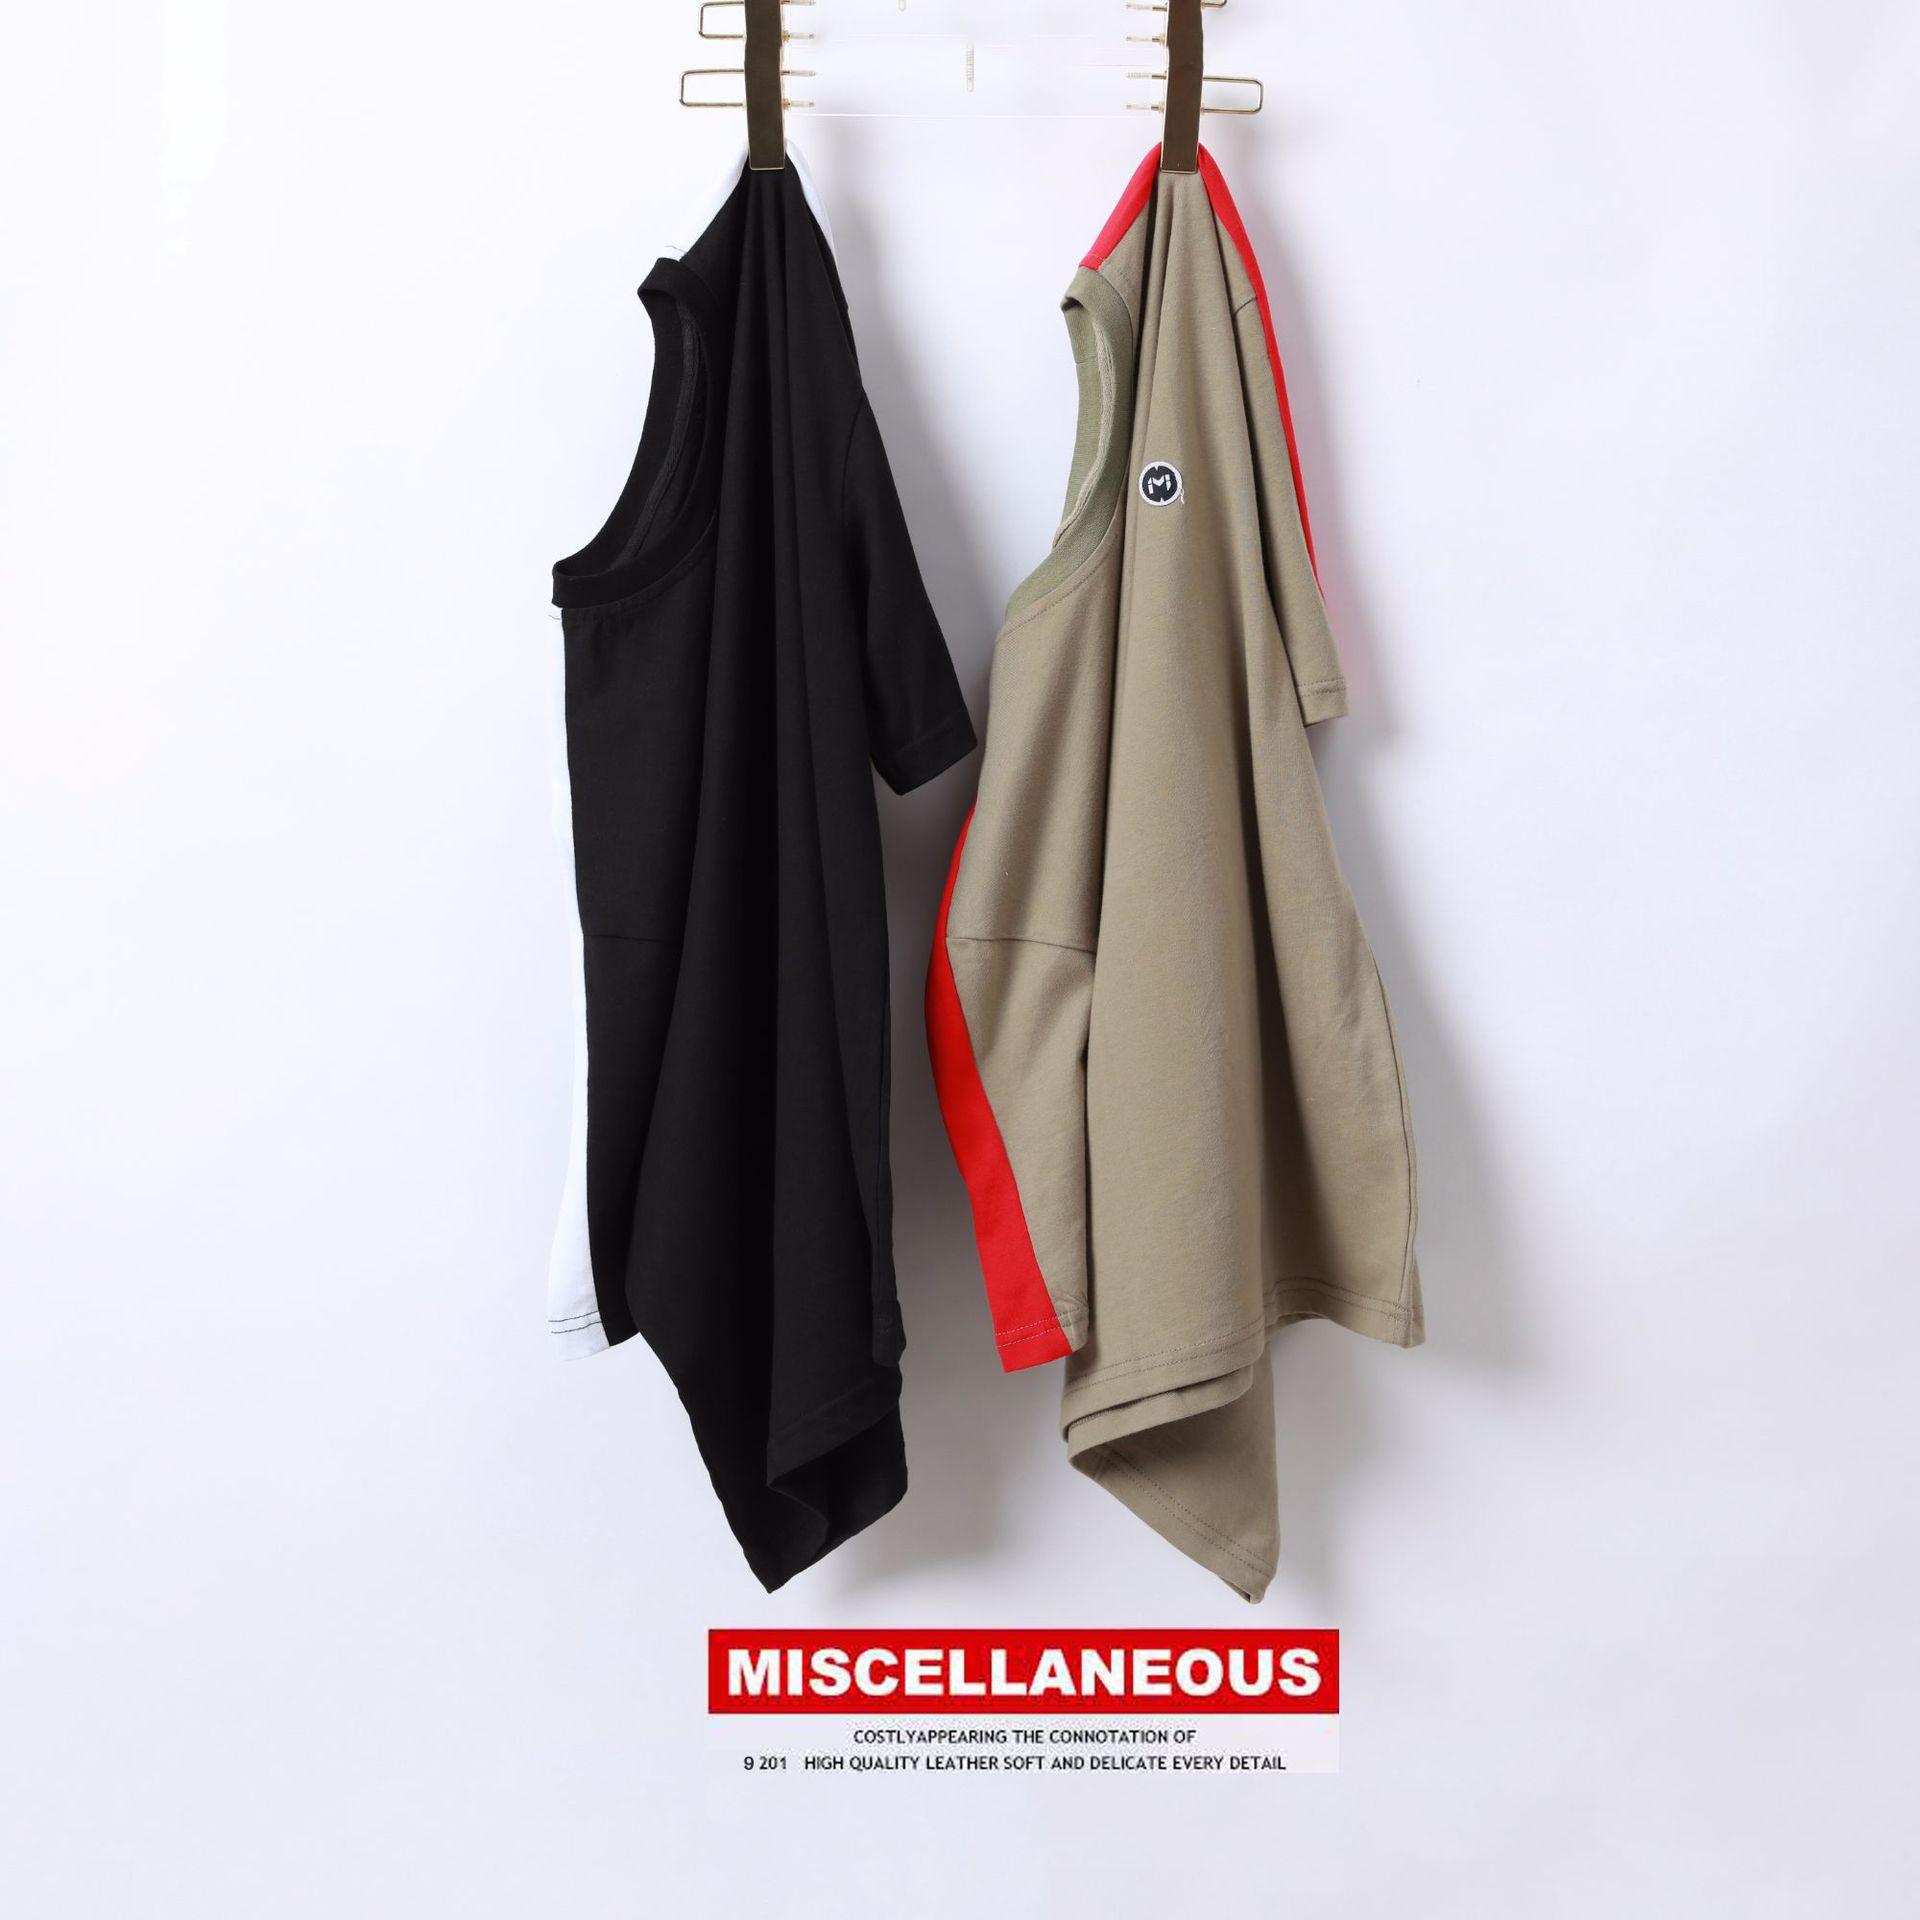 T恤新款潮牌男式短袖时尚织带拼接全棉短T春夏男式2019男装MISC